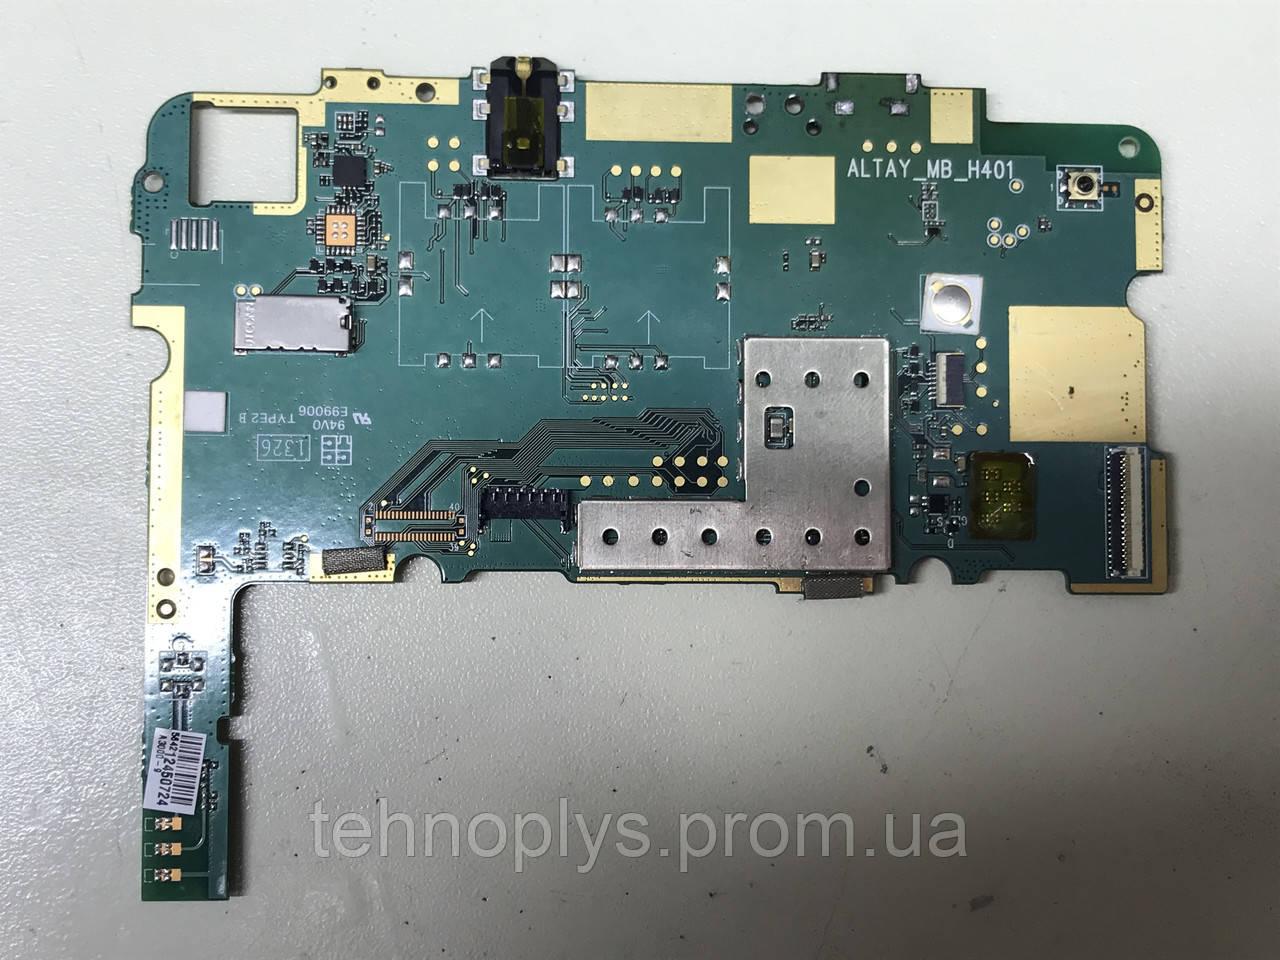 Плата Lenovo A3000-H на микросхемы рабочая с дефектом